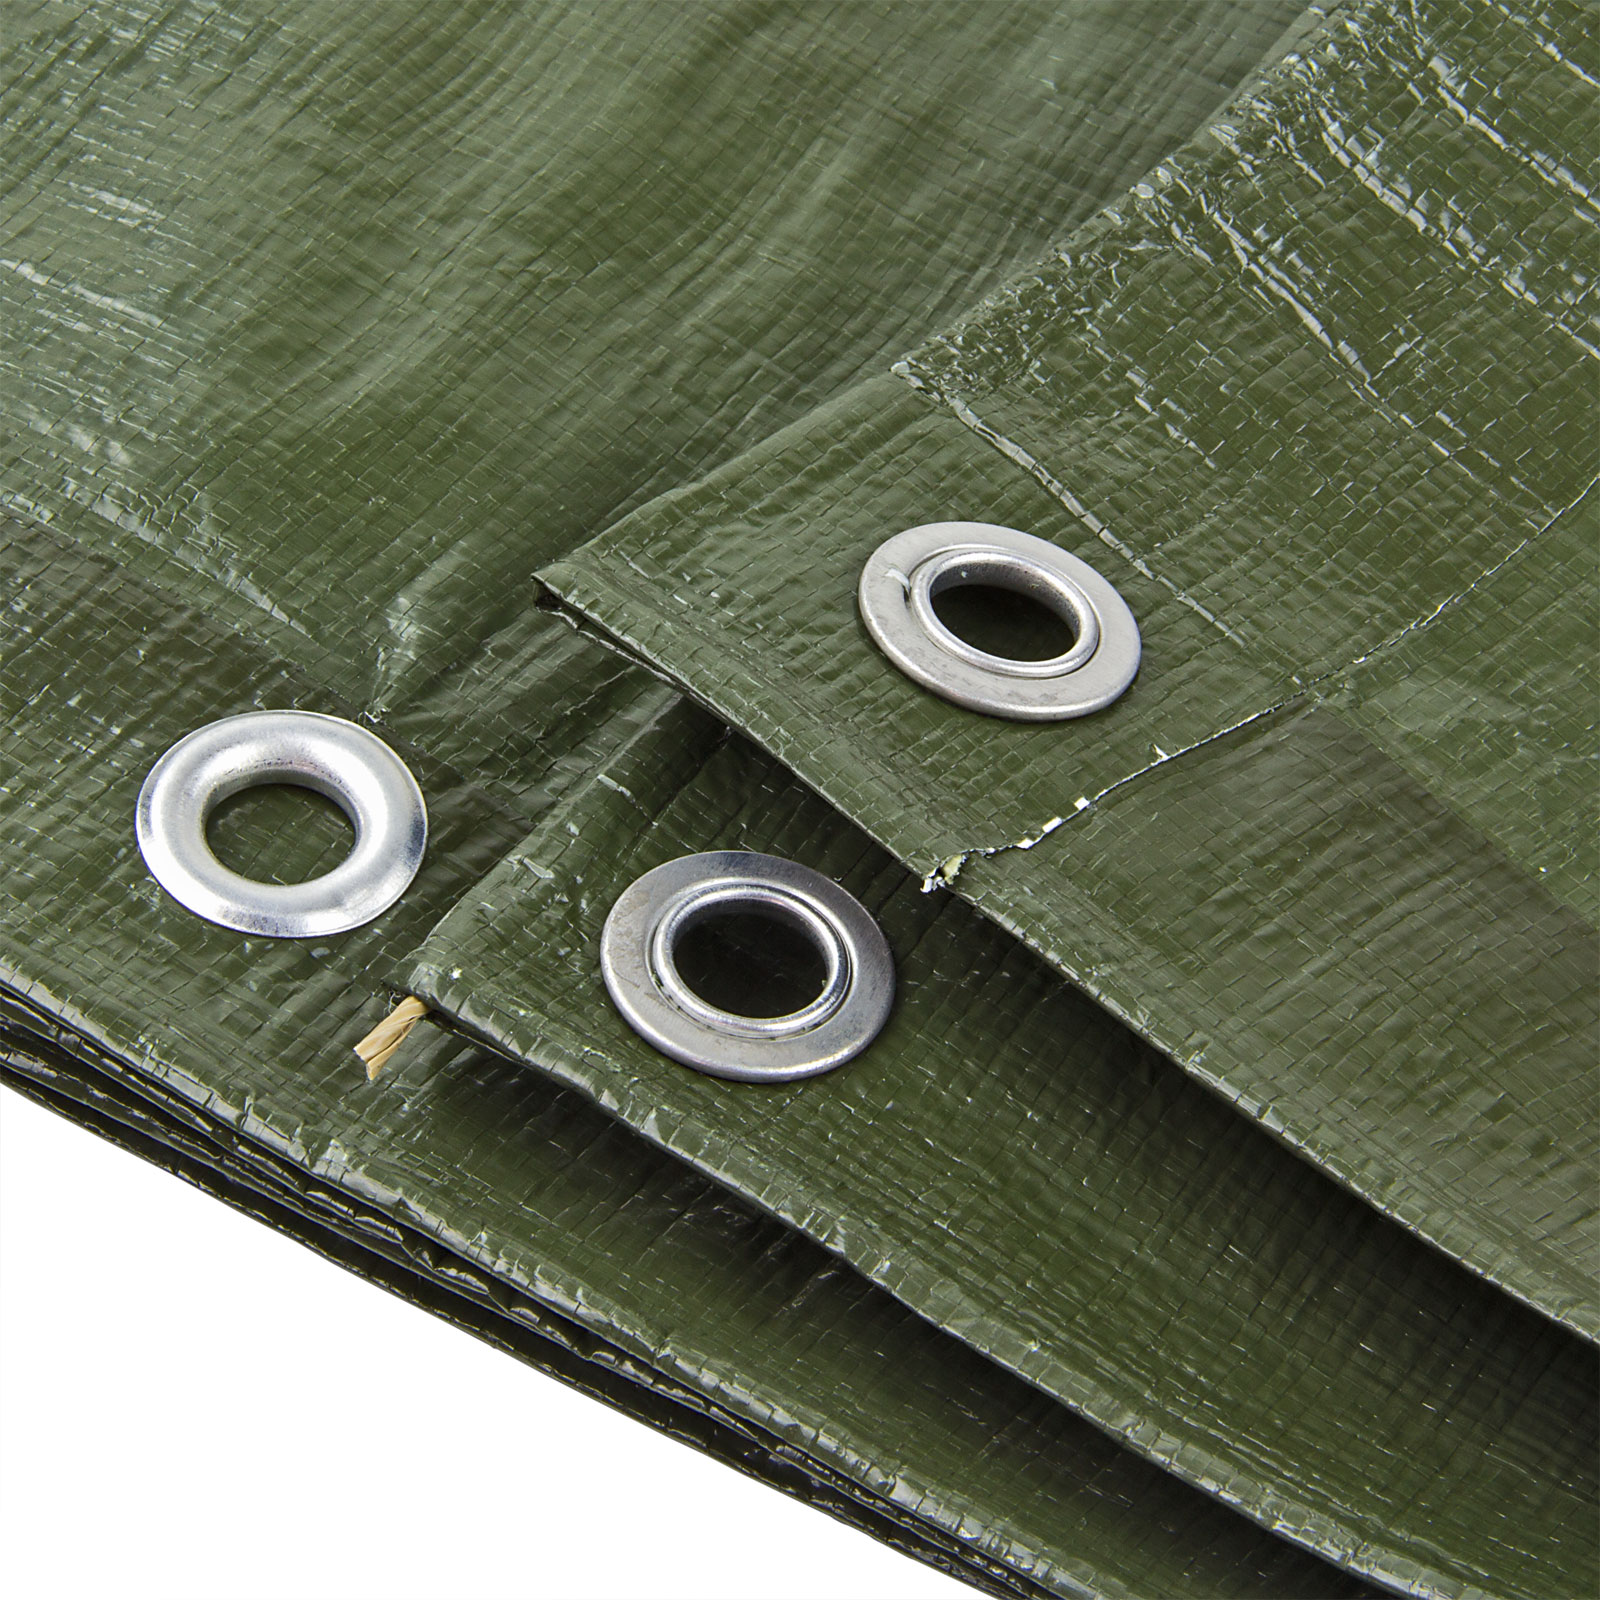 Abdeckplane Gewebeplane Gartenplane Holzplane Schutzplane Holz Grün 3x3 4x6 m